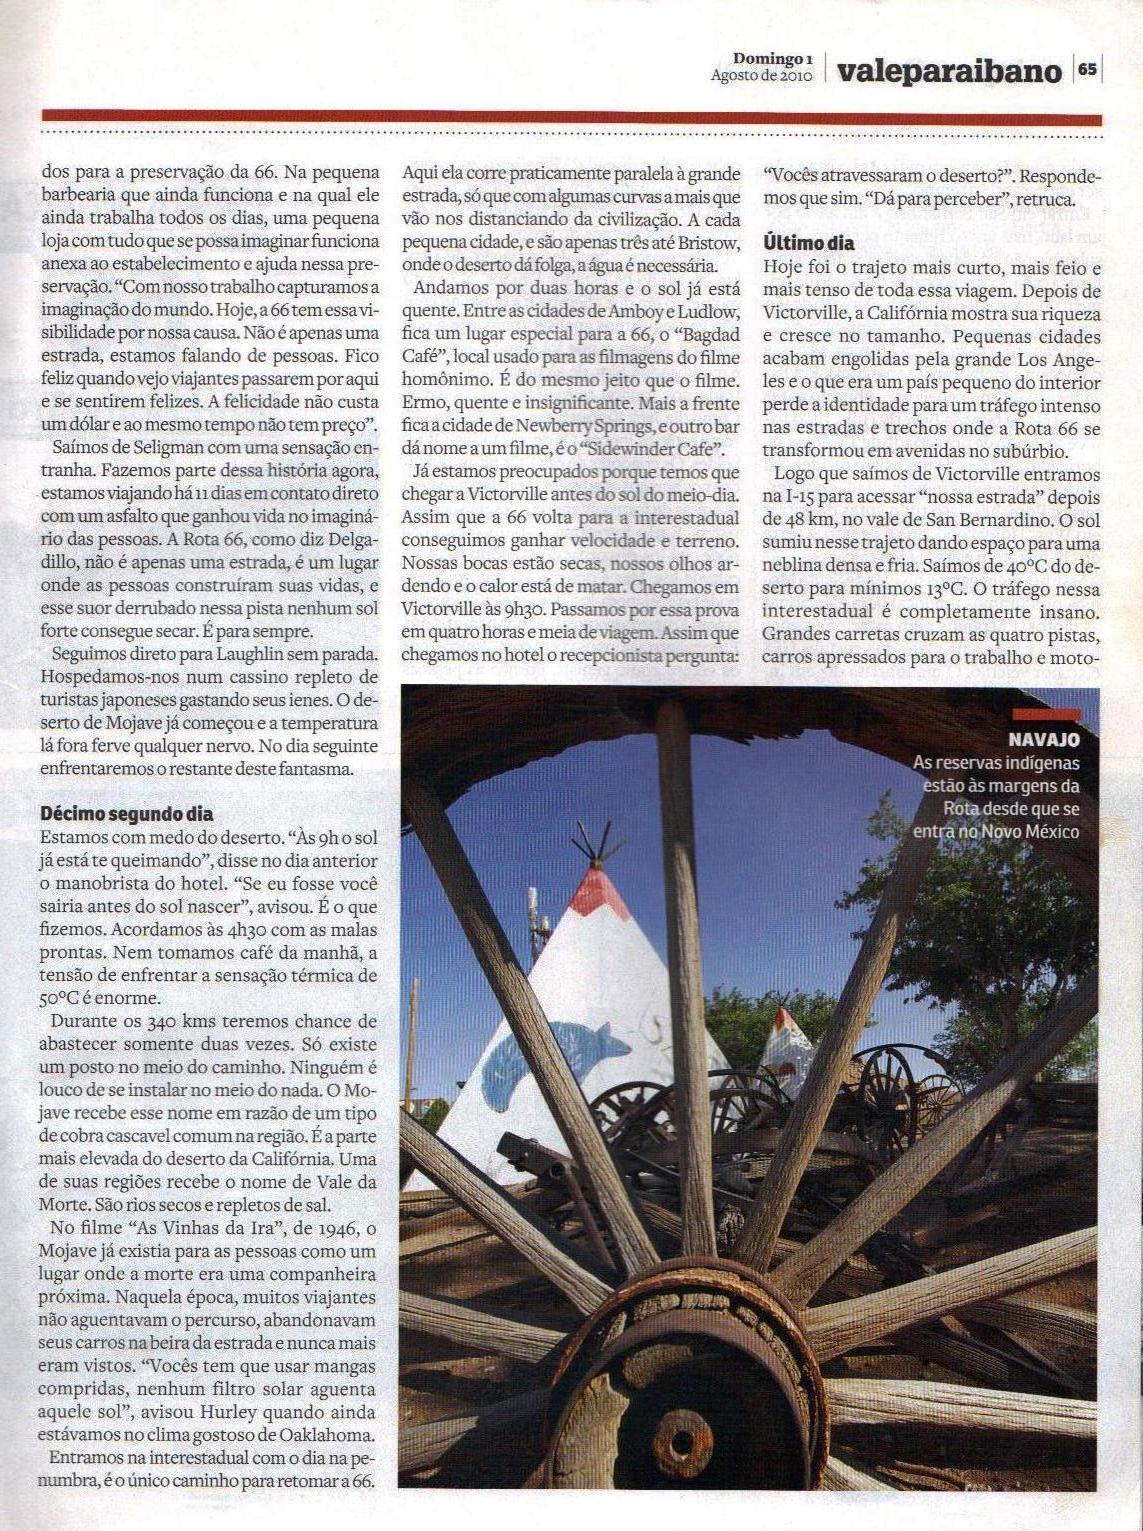 valeparaibano-3.jpg